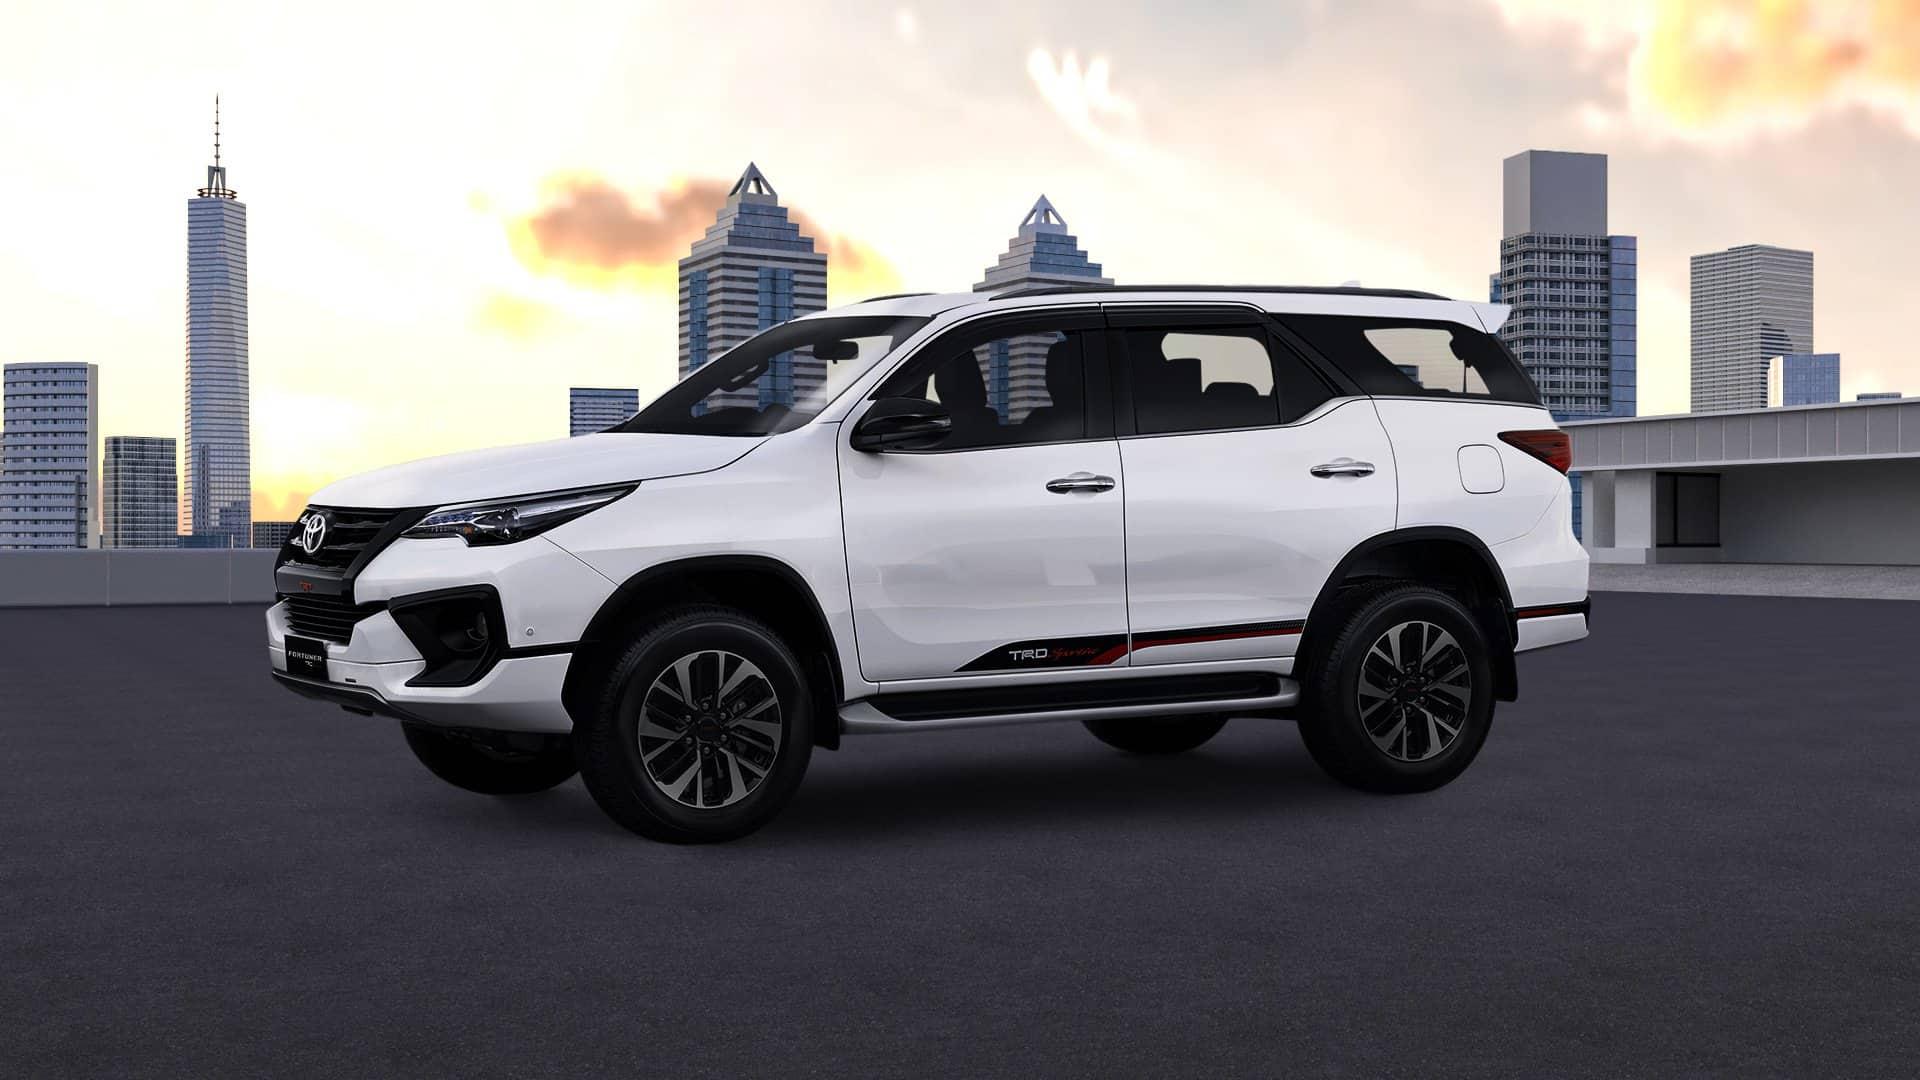 Sewa Mobil Toyota Fortuner di Kebayon Baru